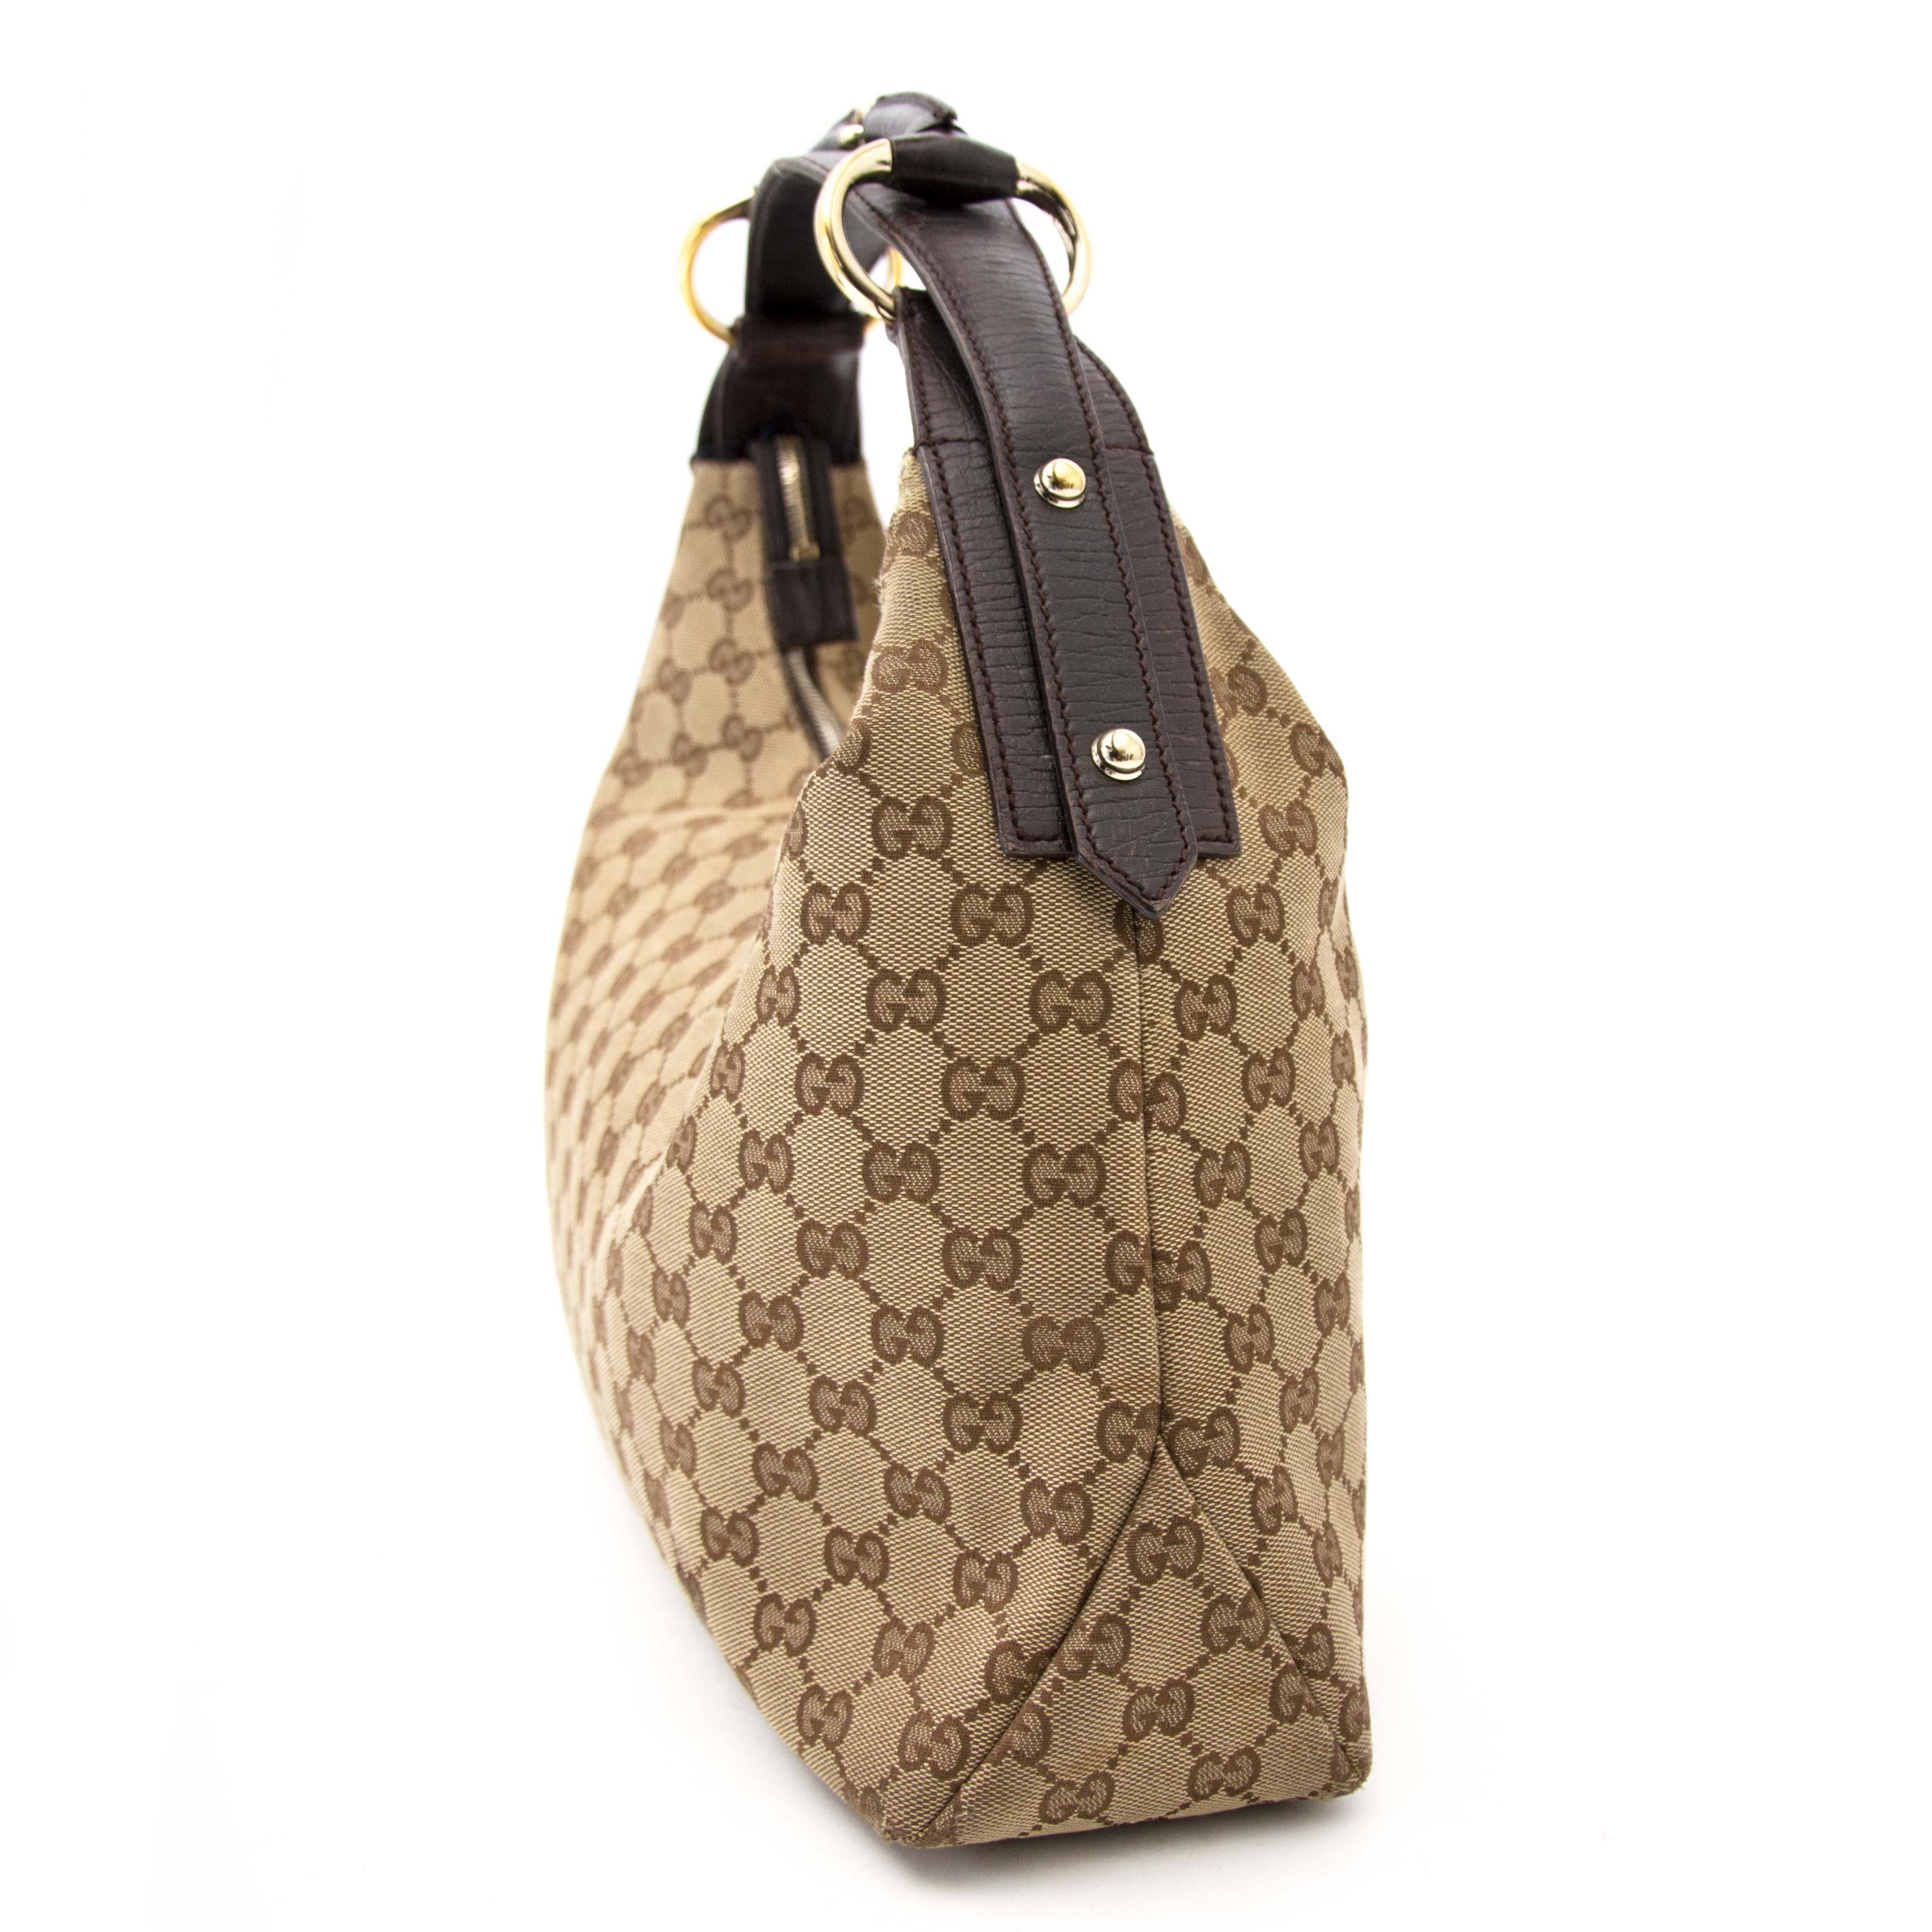 fc91c0e6041 gucci monogram bamboo nu te koop bij labellov.com tegen de beste prijs gucci  horsebit monogram bag now online at labellov.com